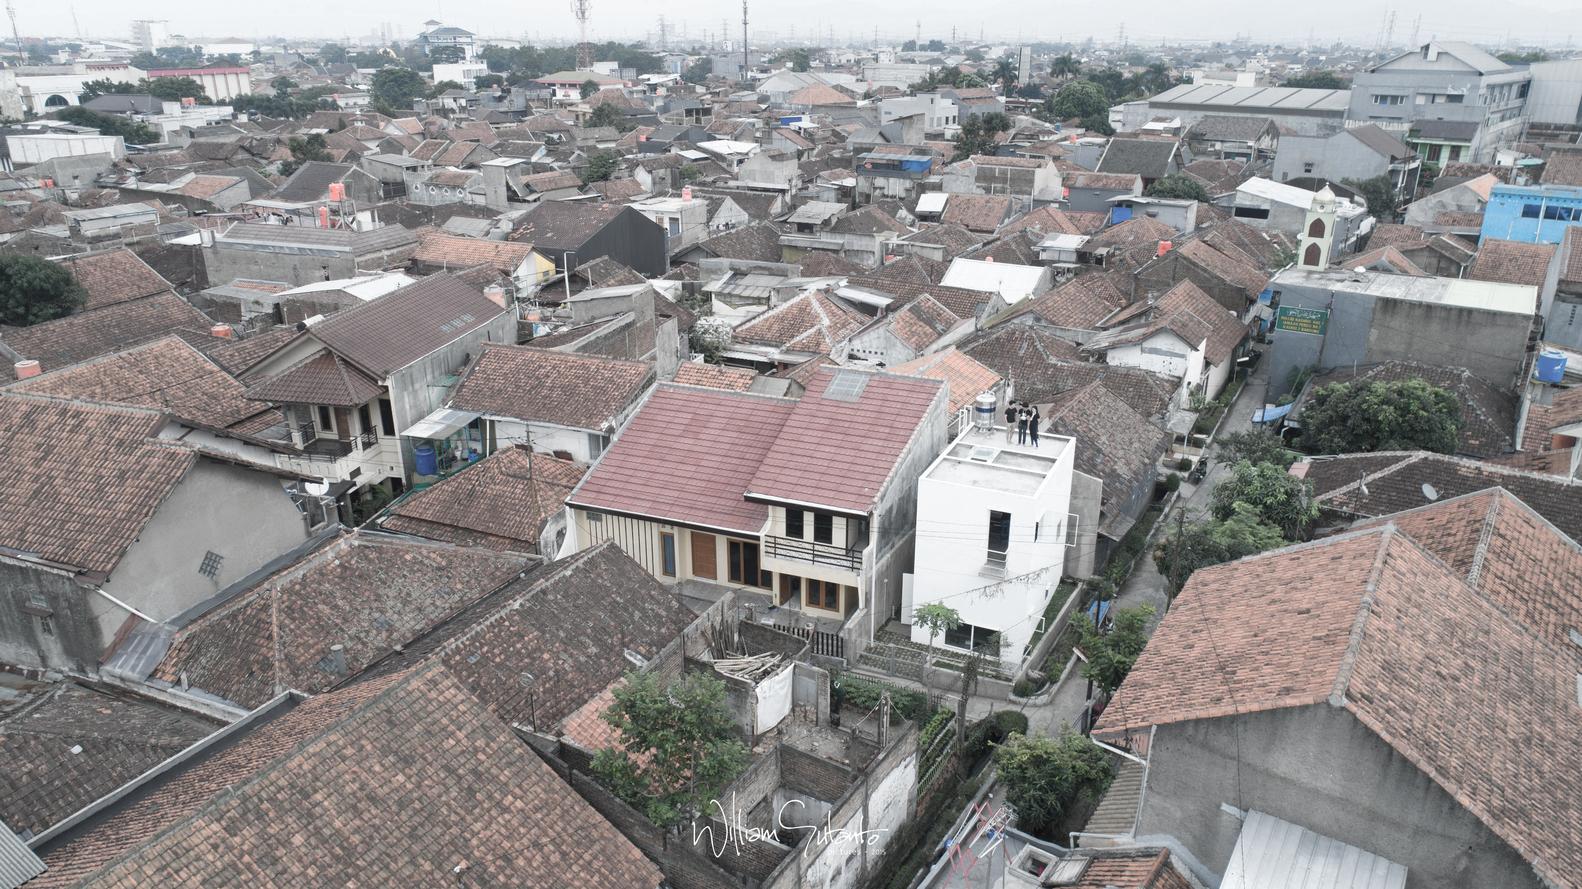 Rumah mikro minimalis di kawasan pemukiman padat dengan model atap datar (Sumber: archdaily.com)